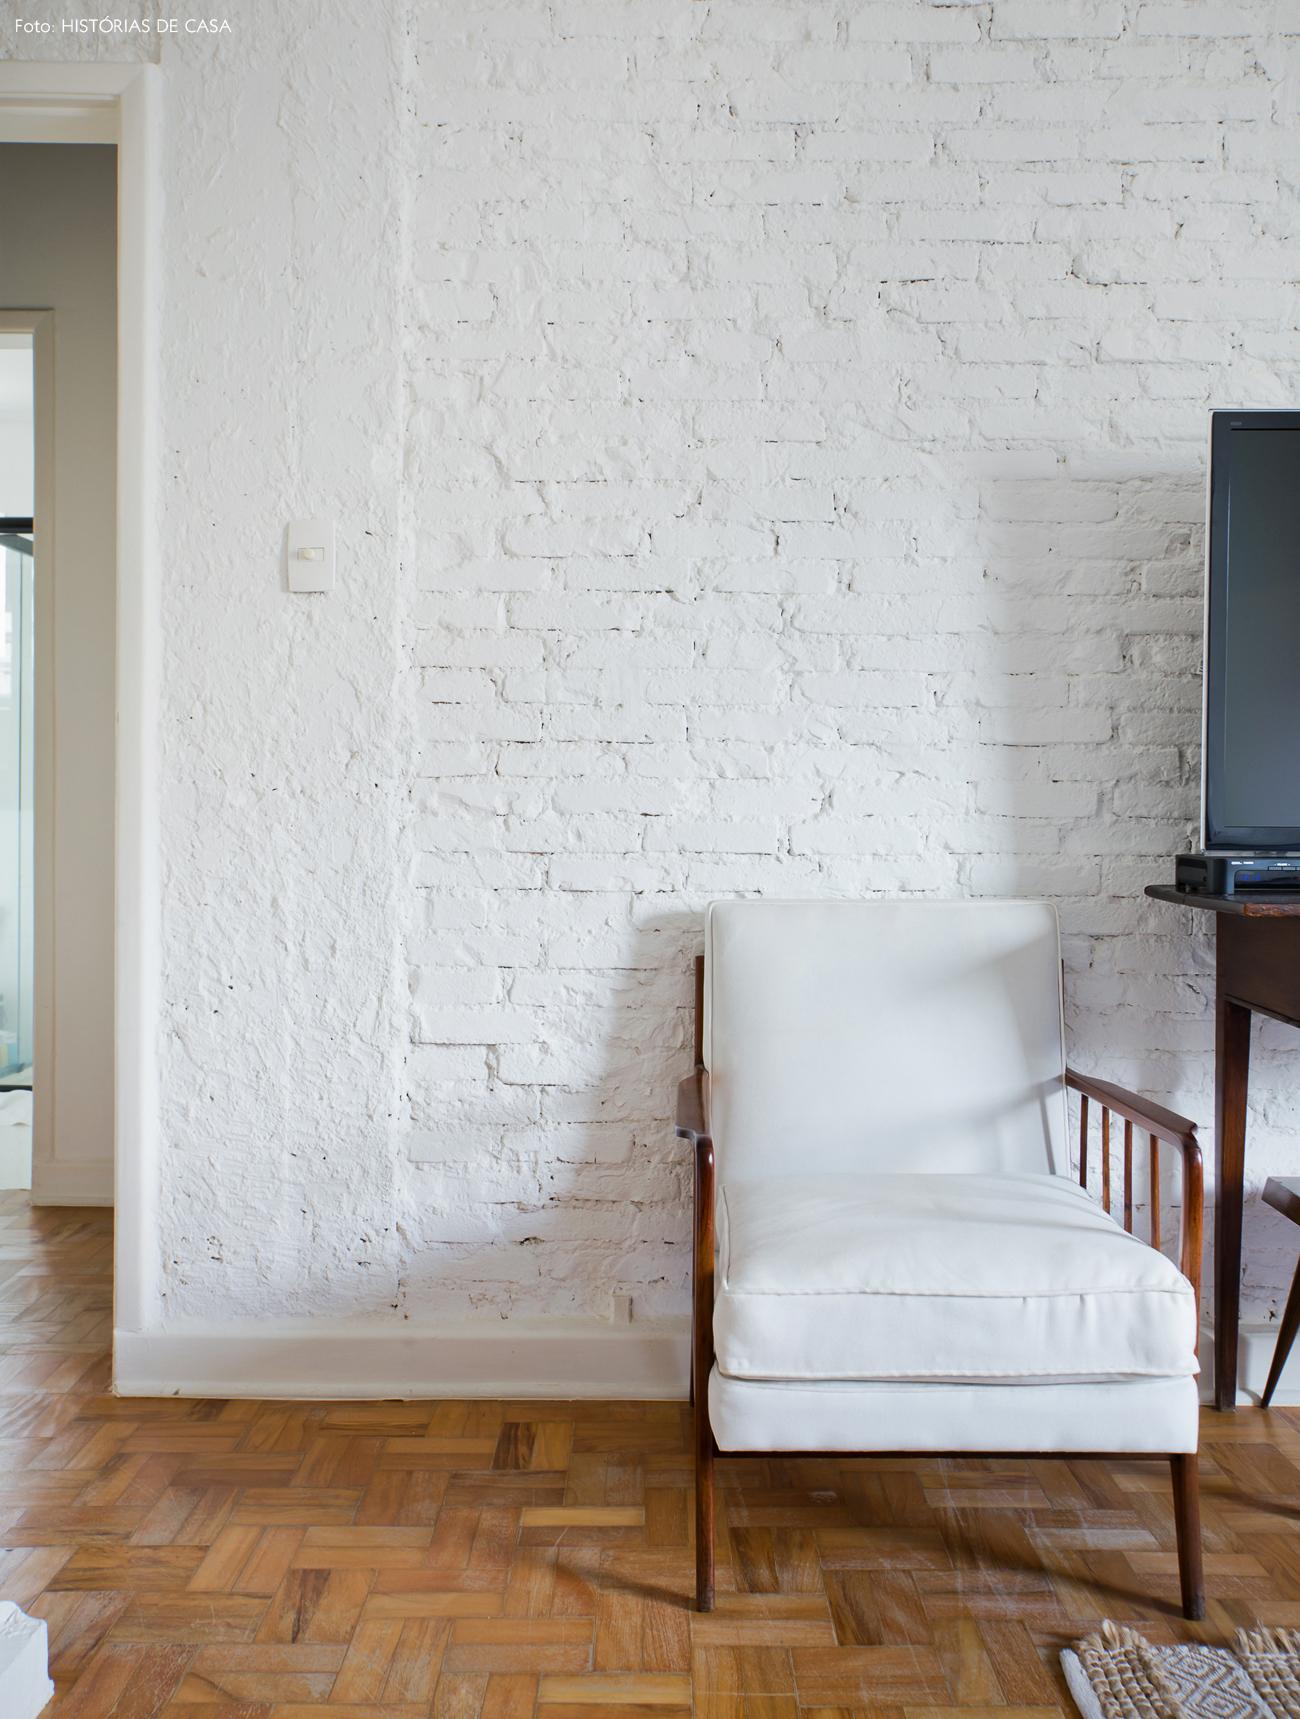 34-decoracao-quarto-tijolinho-branco-poltrona-vintage